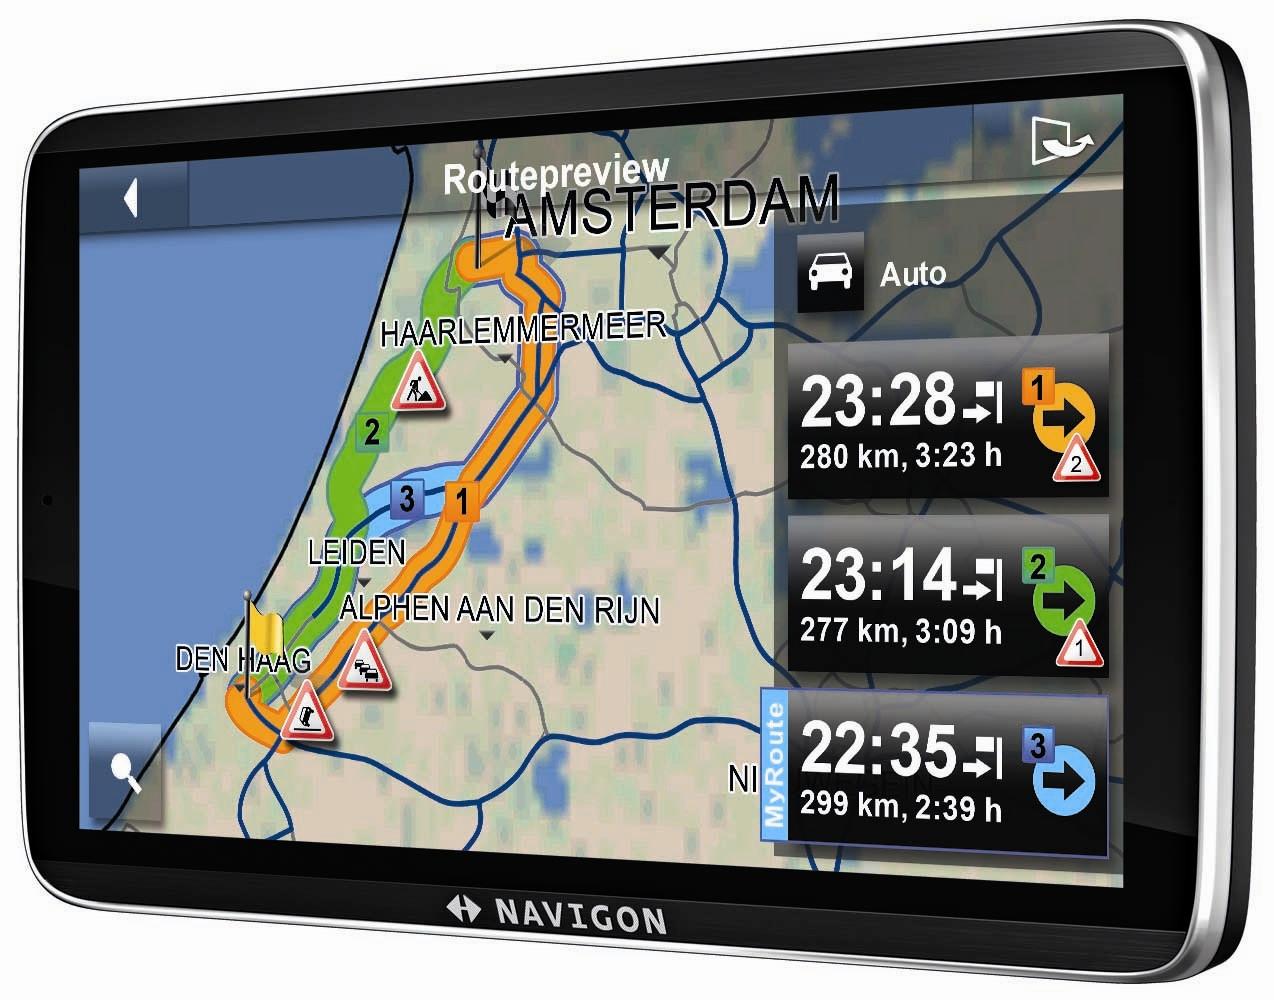 Navigon 92 Premium